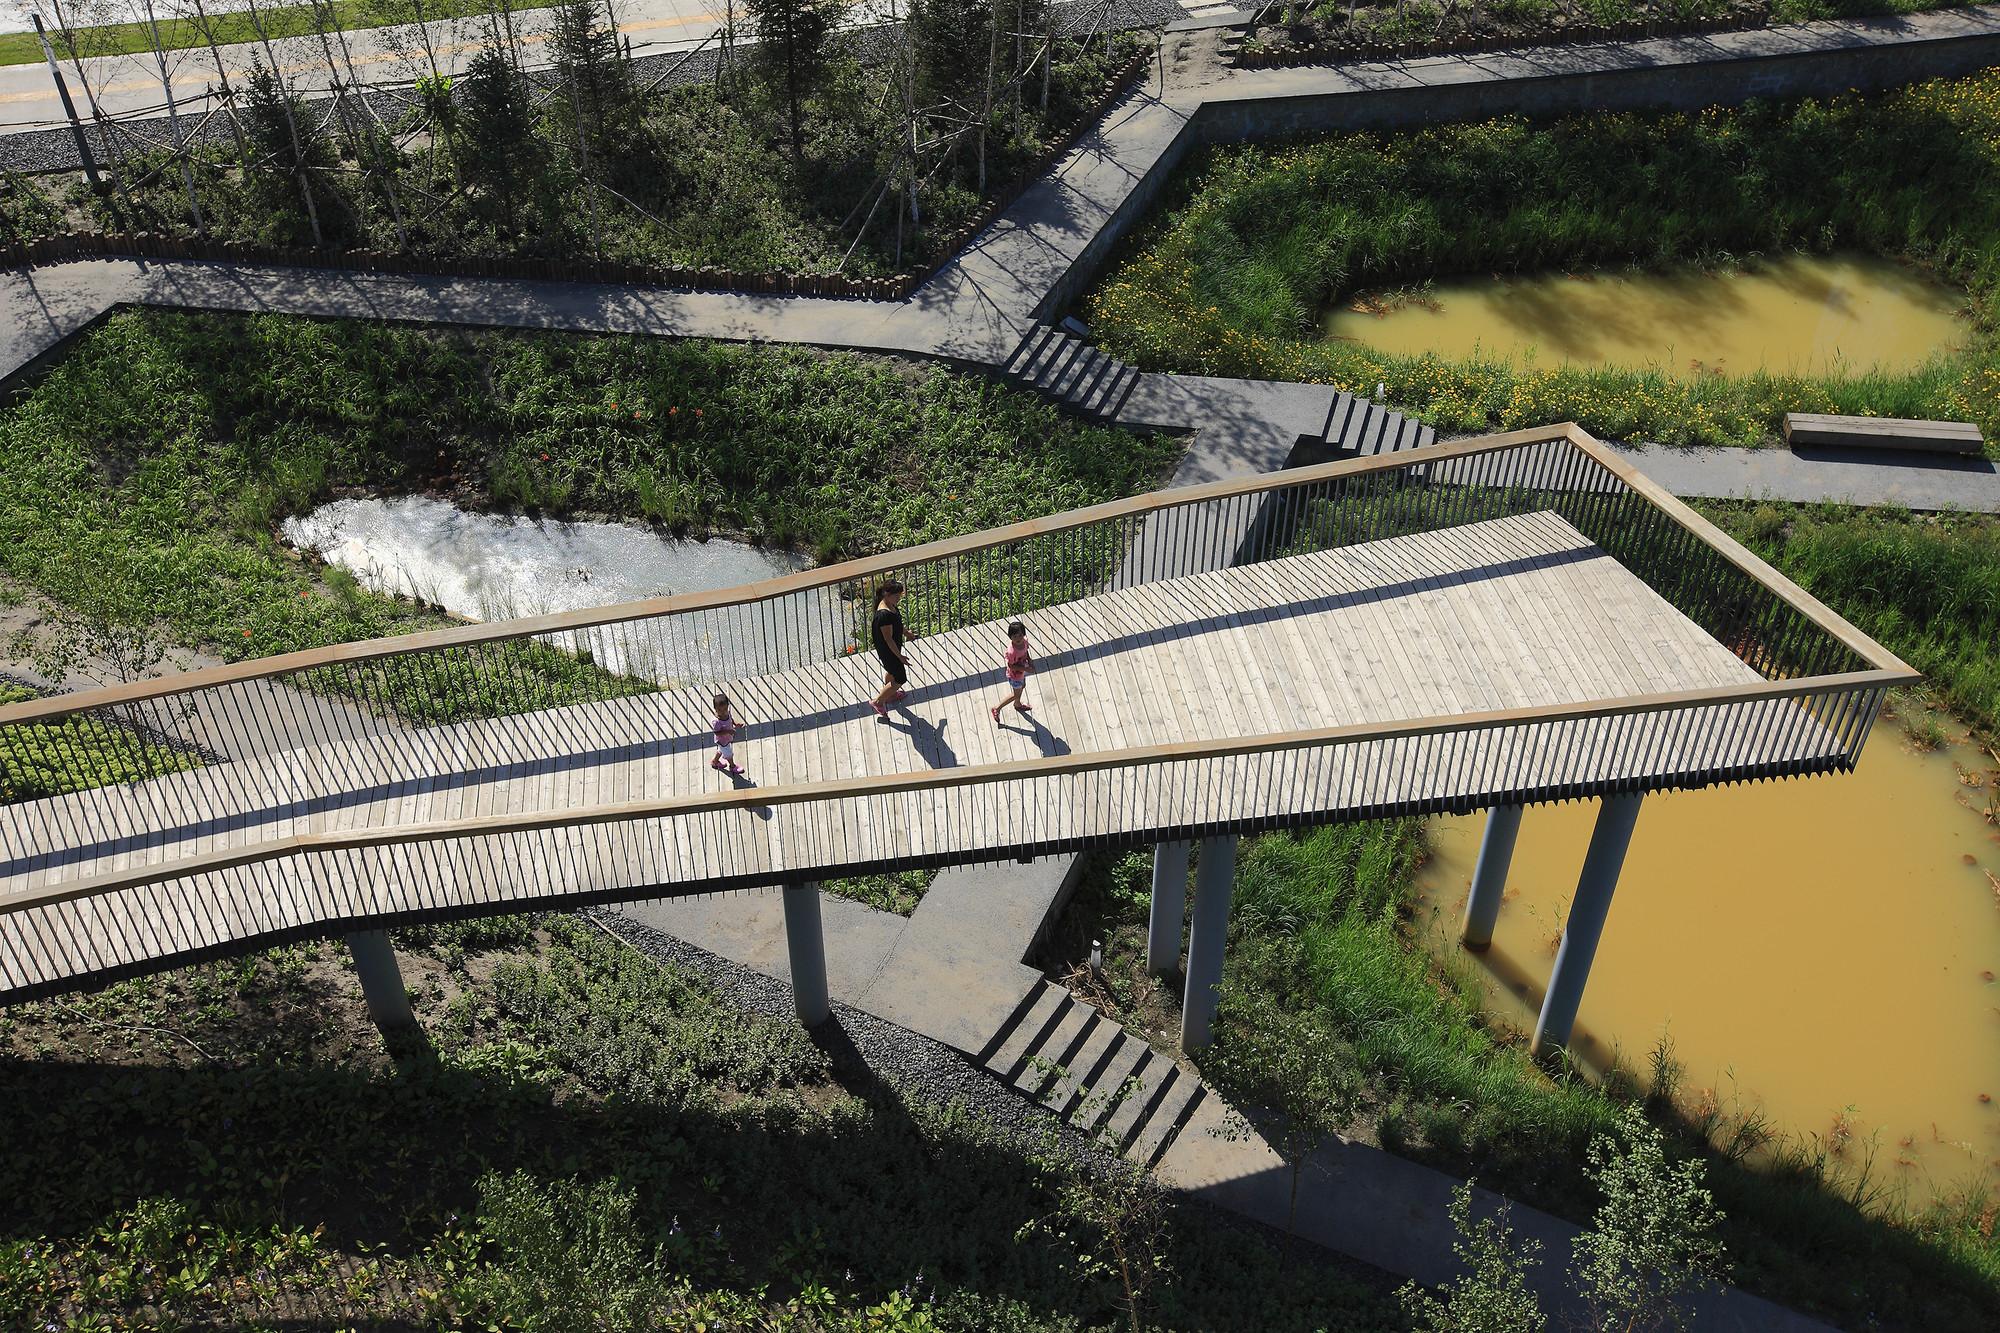 Living with Water 2018: Kongjian Yu / Thiết kế cảnh quan với yếu tố nước 2018: Kongjian Yu